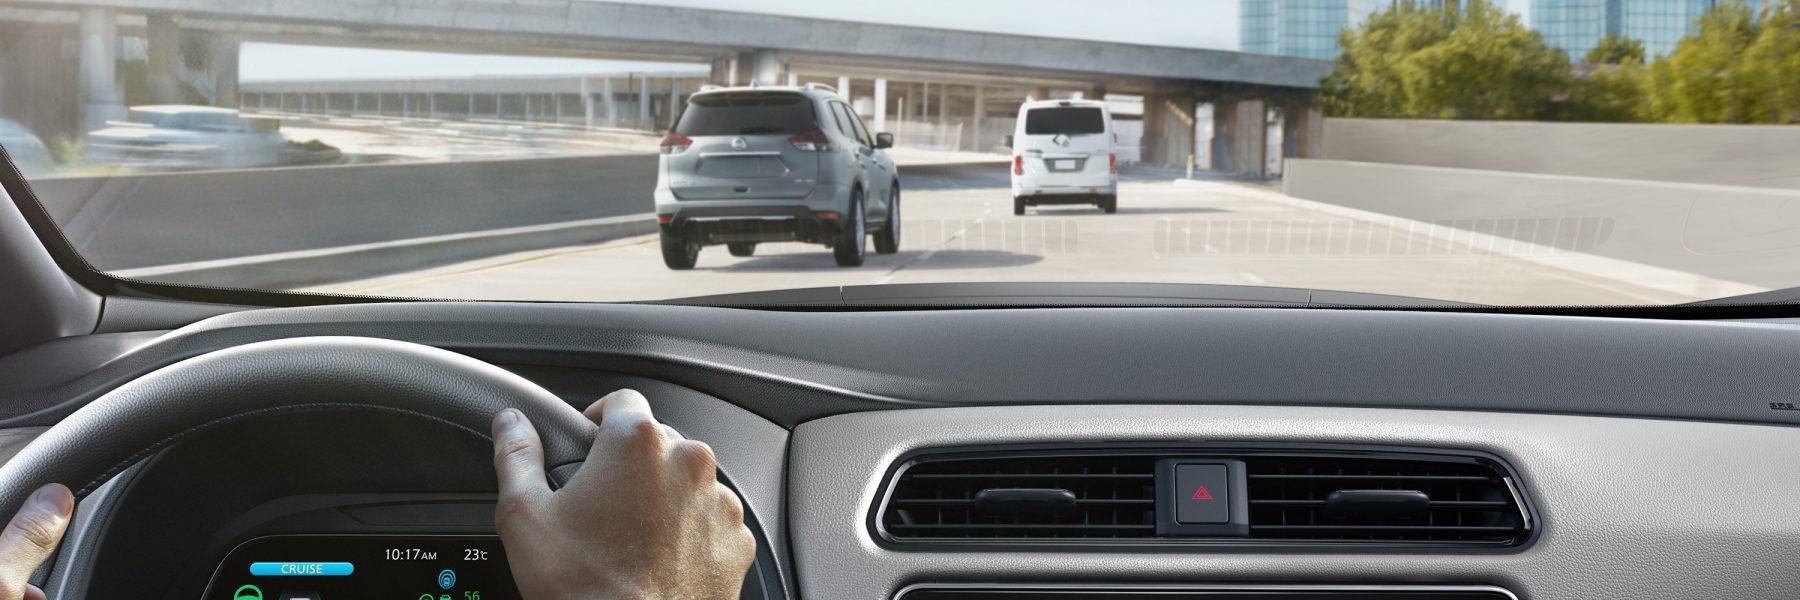 De nieuwe Nissan LEAF toont het blikveld van de bestuurder tijdens het rijden